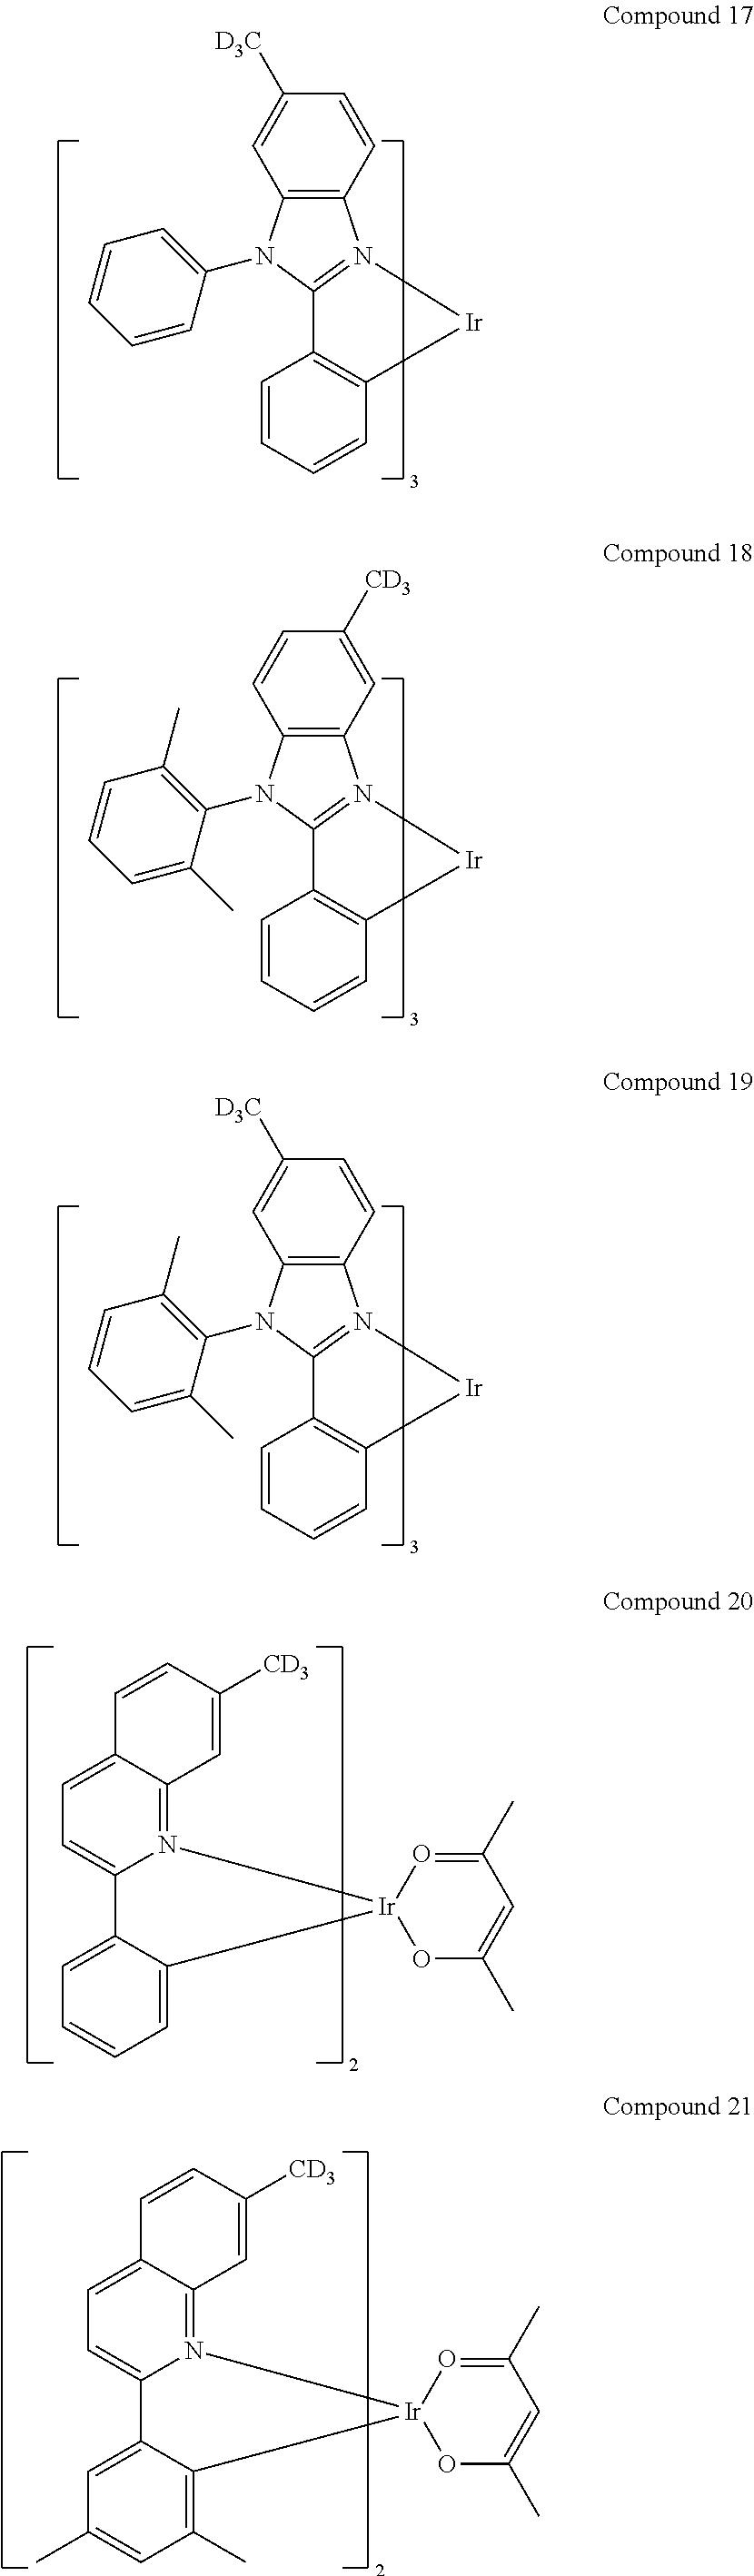 Figure US20100270916A1-20101028-C00216